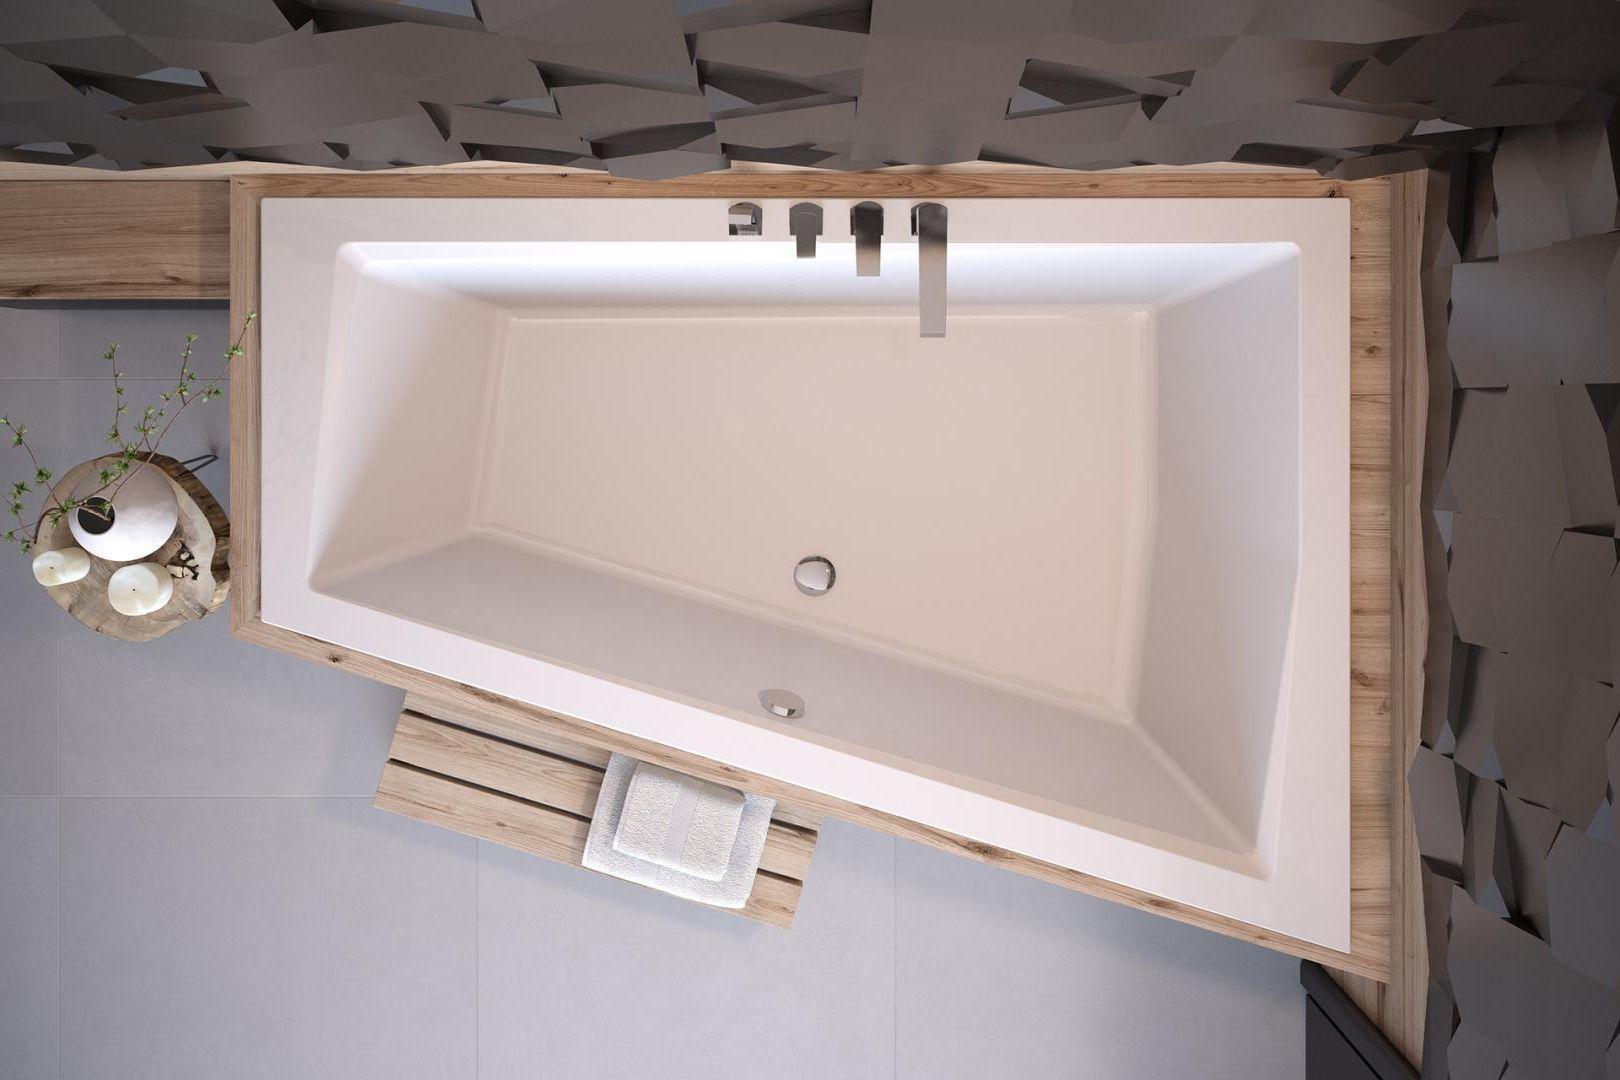 Besco wanna asymetryczna Intima Duo Slim 170 x 125 cm prawa